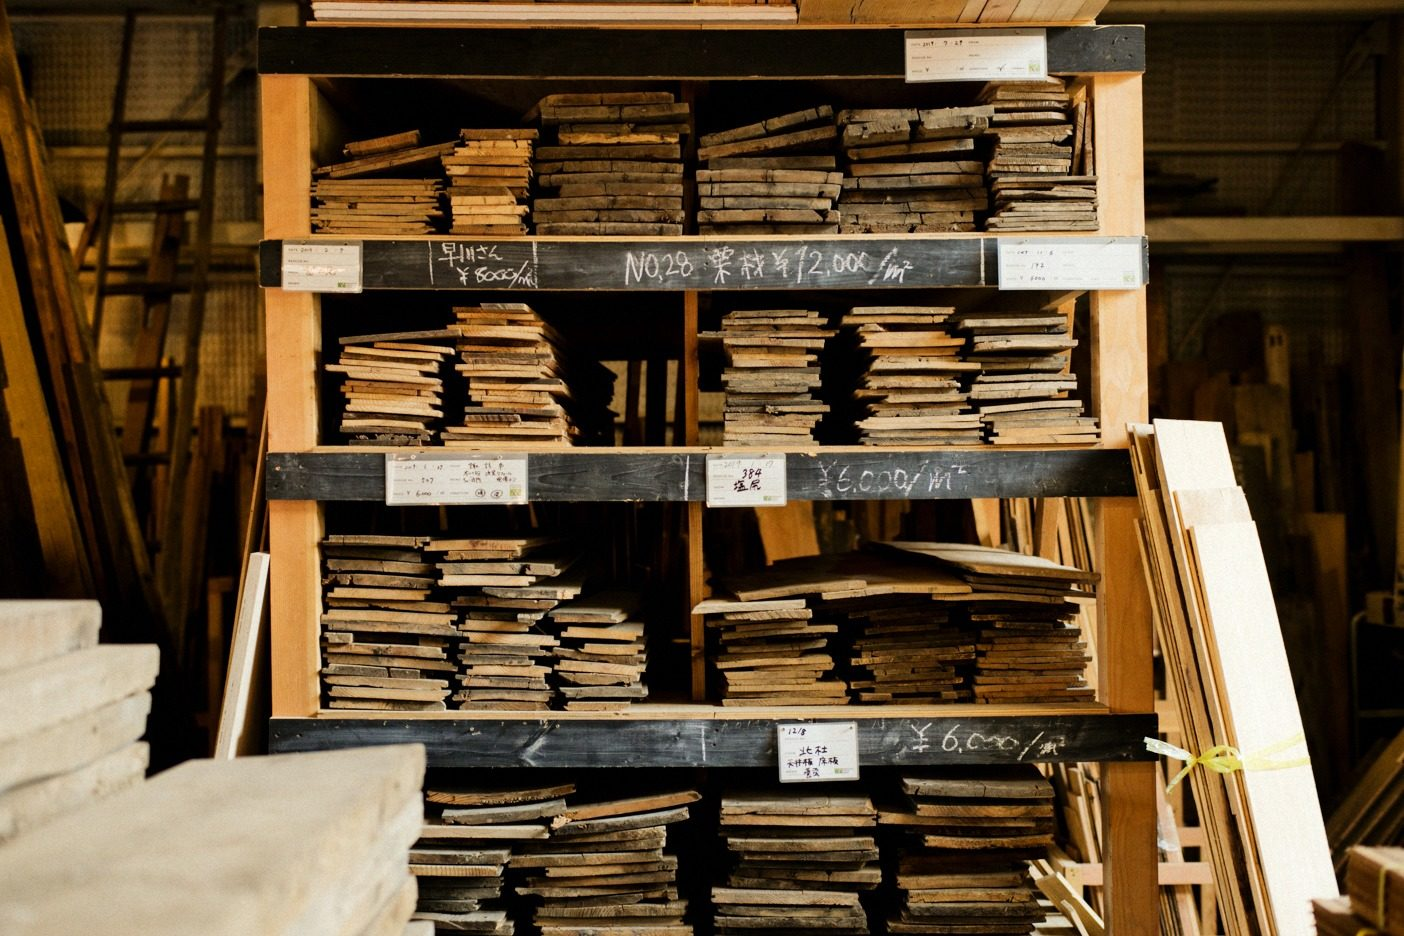 古材にはそれぞれ番号が振ってあり、いつ、どの家からレスキューした資材なのか辿れるようになっている。古材にはストーリーがあるということを実感できるシステムだ。写真:五十嵐 一晴